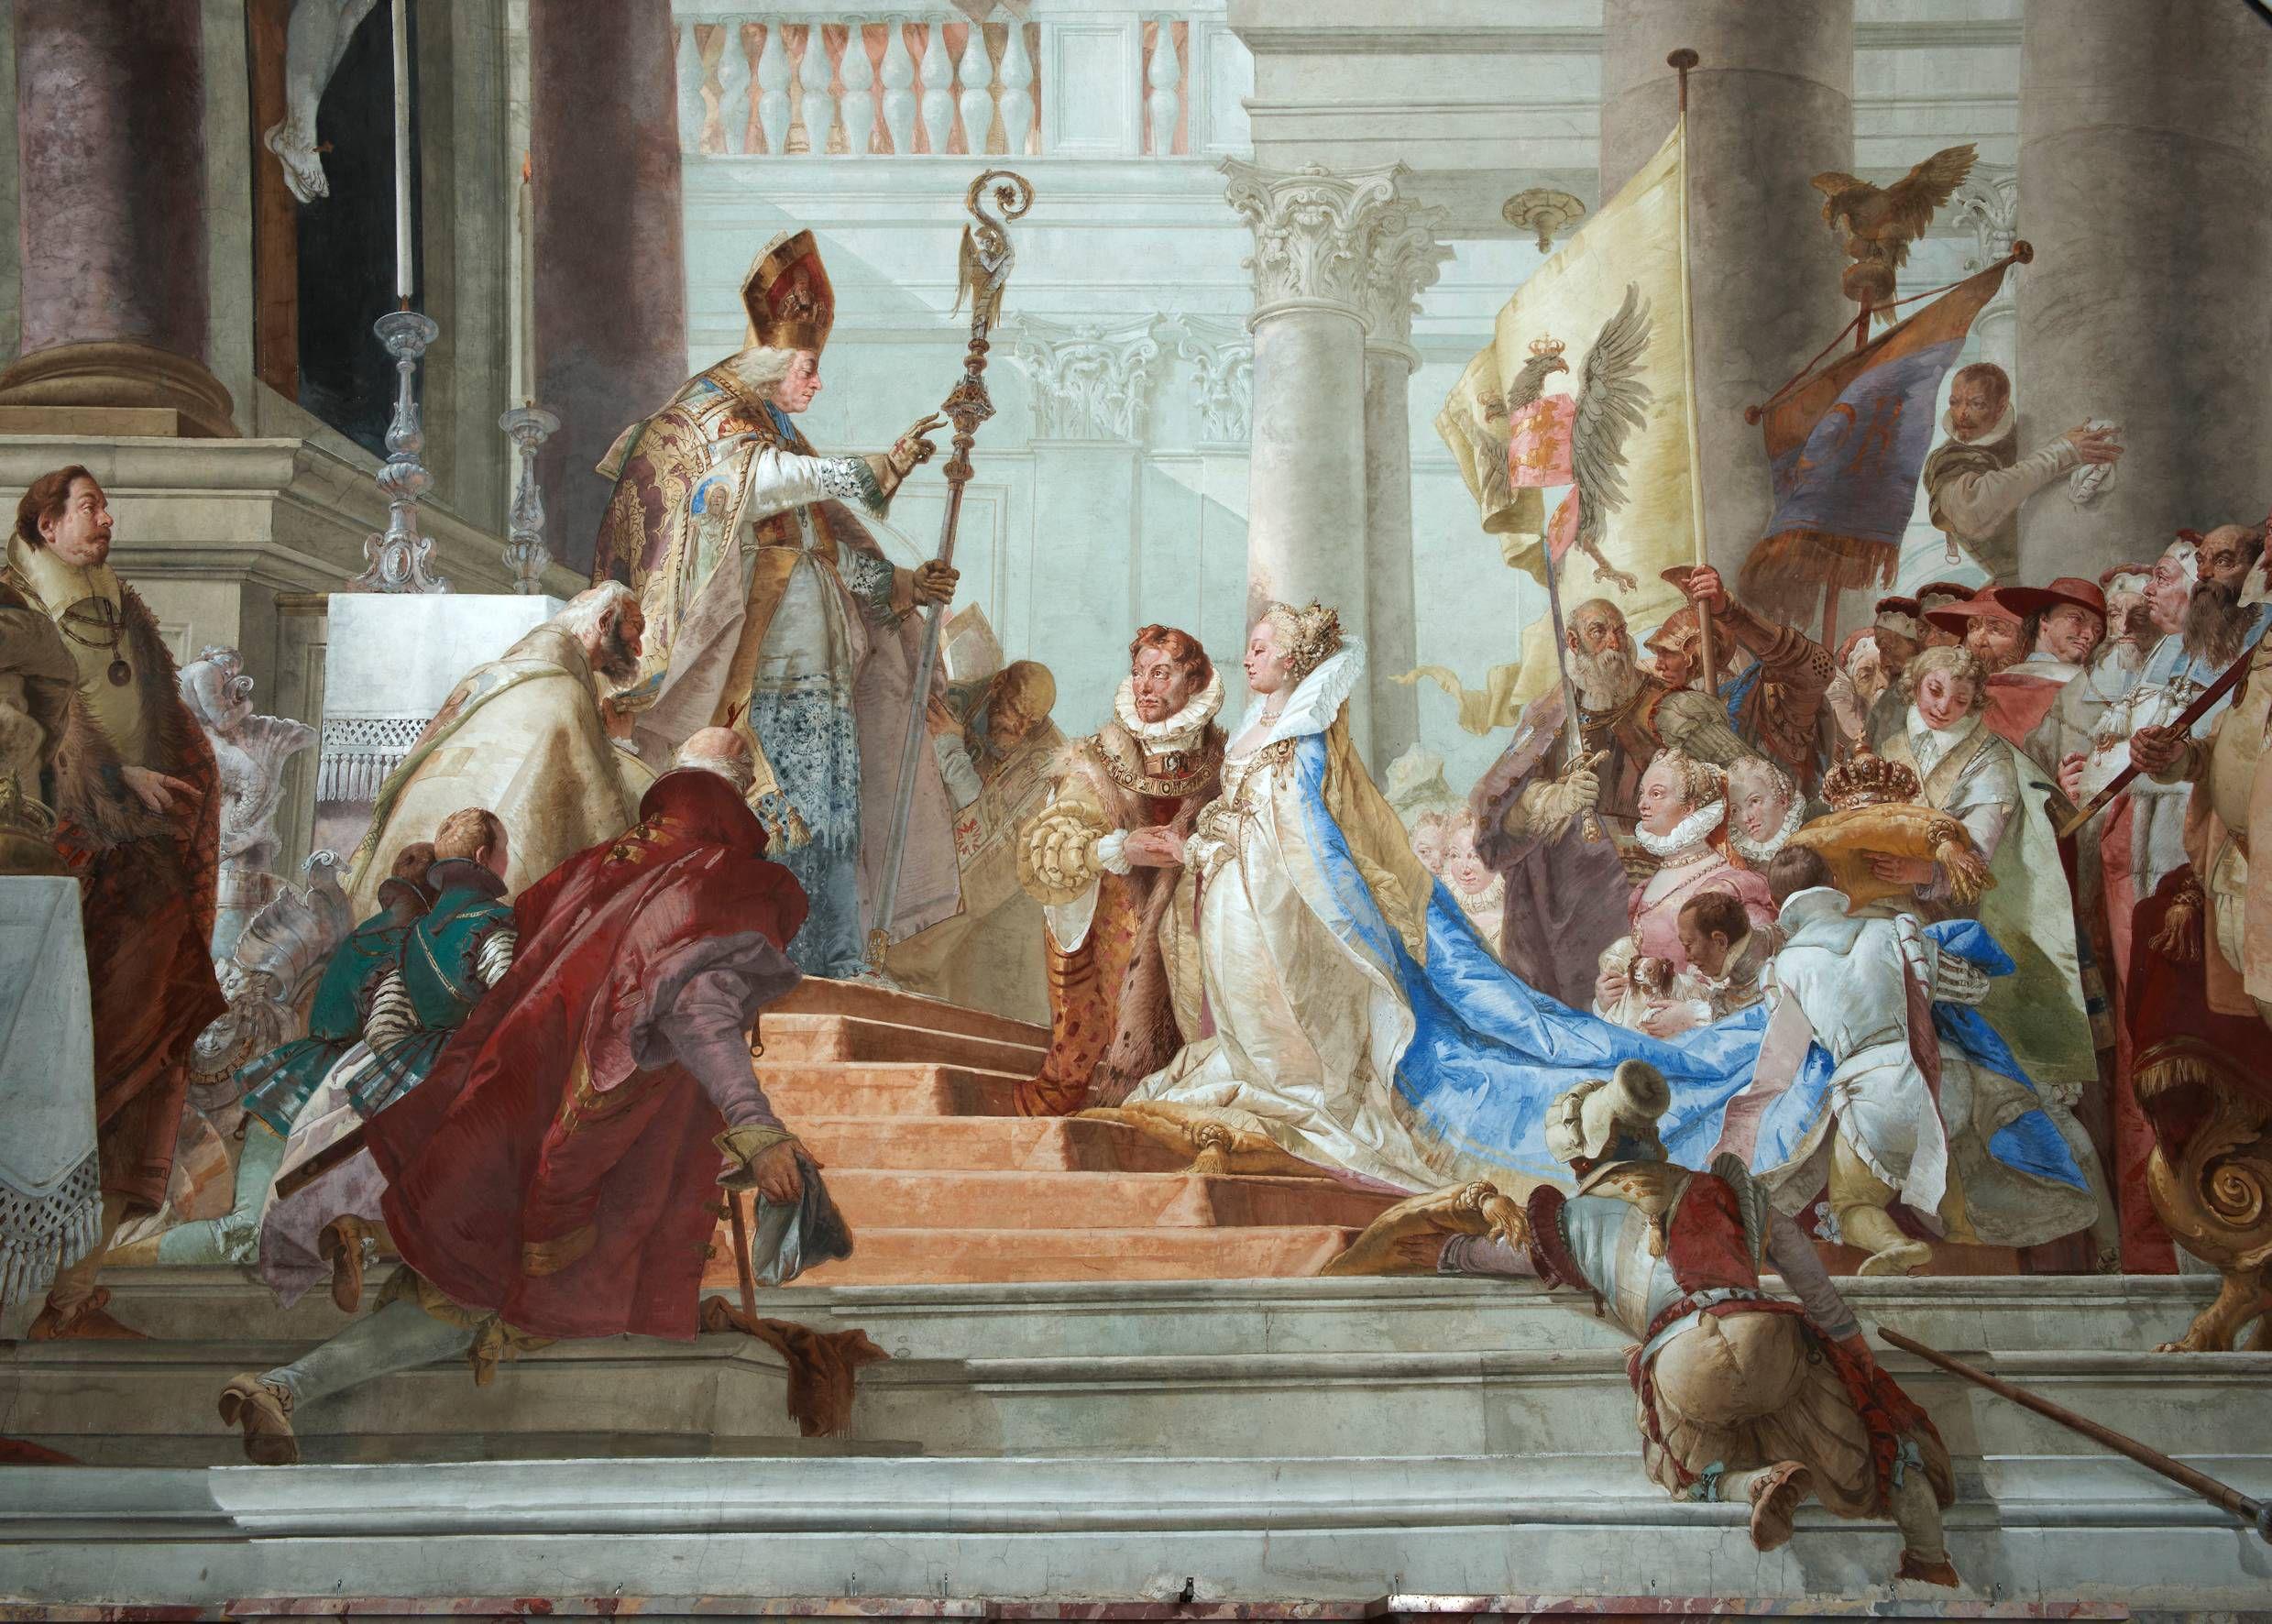 """Reverenz an den Auftraggeber: 1751 gab Tiepolo im Kaisersaal-Fresko """"Die Hochzeit Kaiser Friedrichs I. Barbarossa mit Beatrix von Burgund"""" Bischof Gebhard die Züge Carl Philipp von Greiffenclaus.F"""